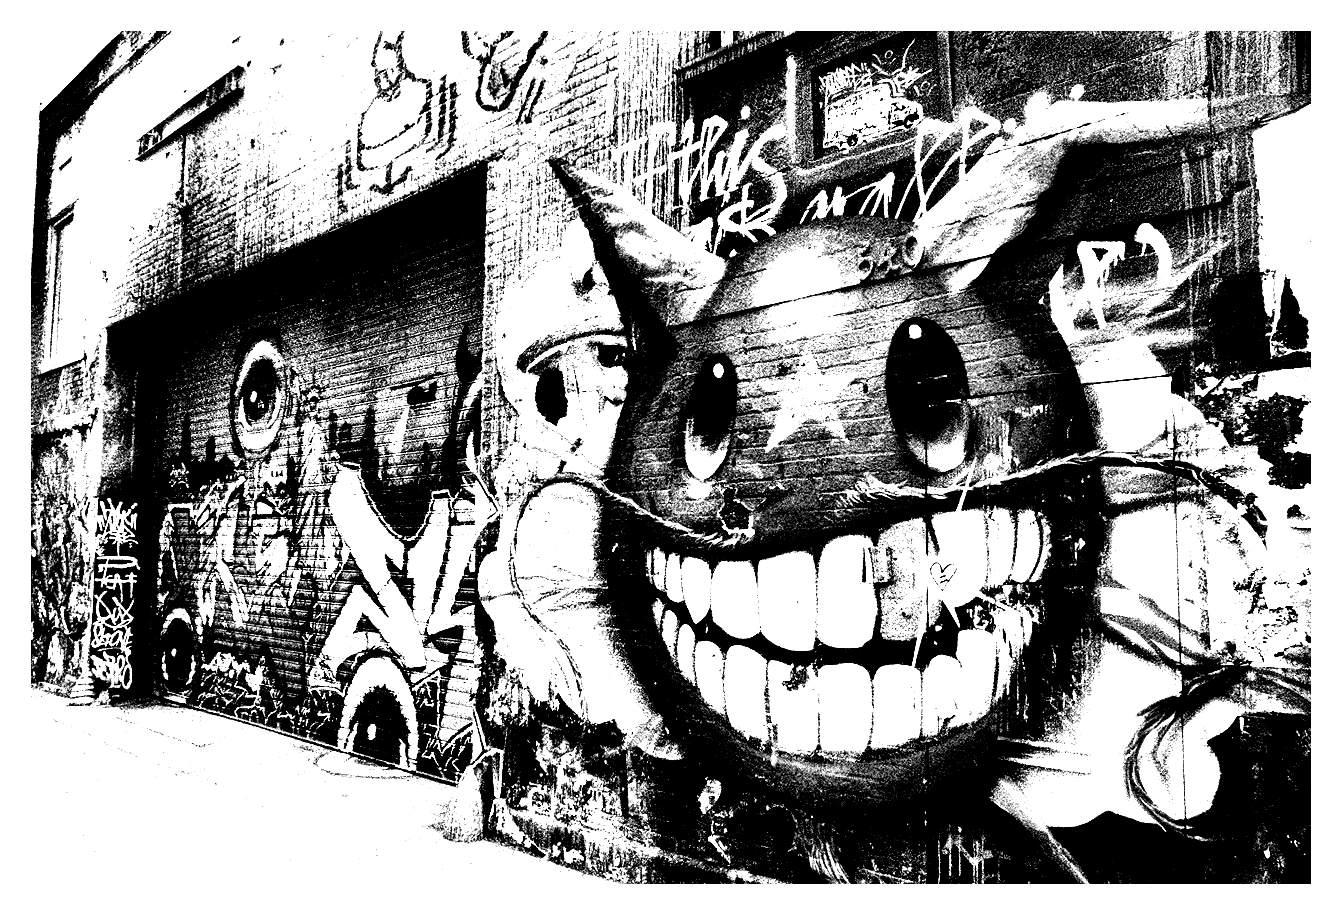 Colorear para adultos : Leyendas y graffitis - 12